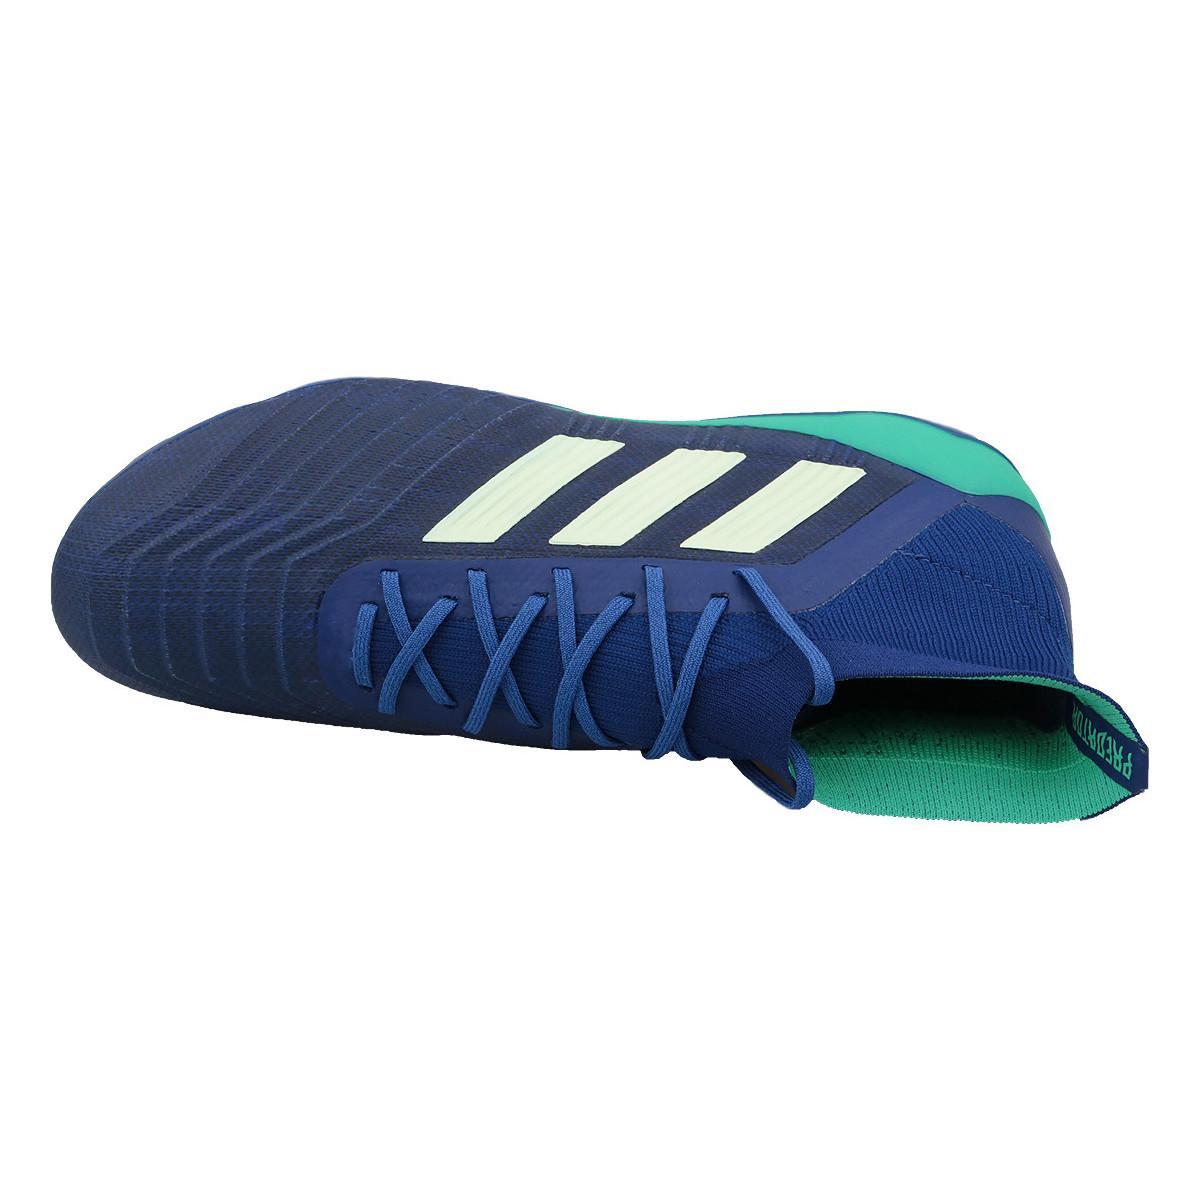 adidas Voetbalschoenen Predator 18.1 Sg Cp9262 in het Blauw voor heren